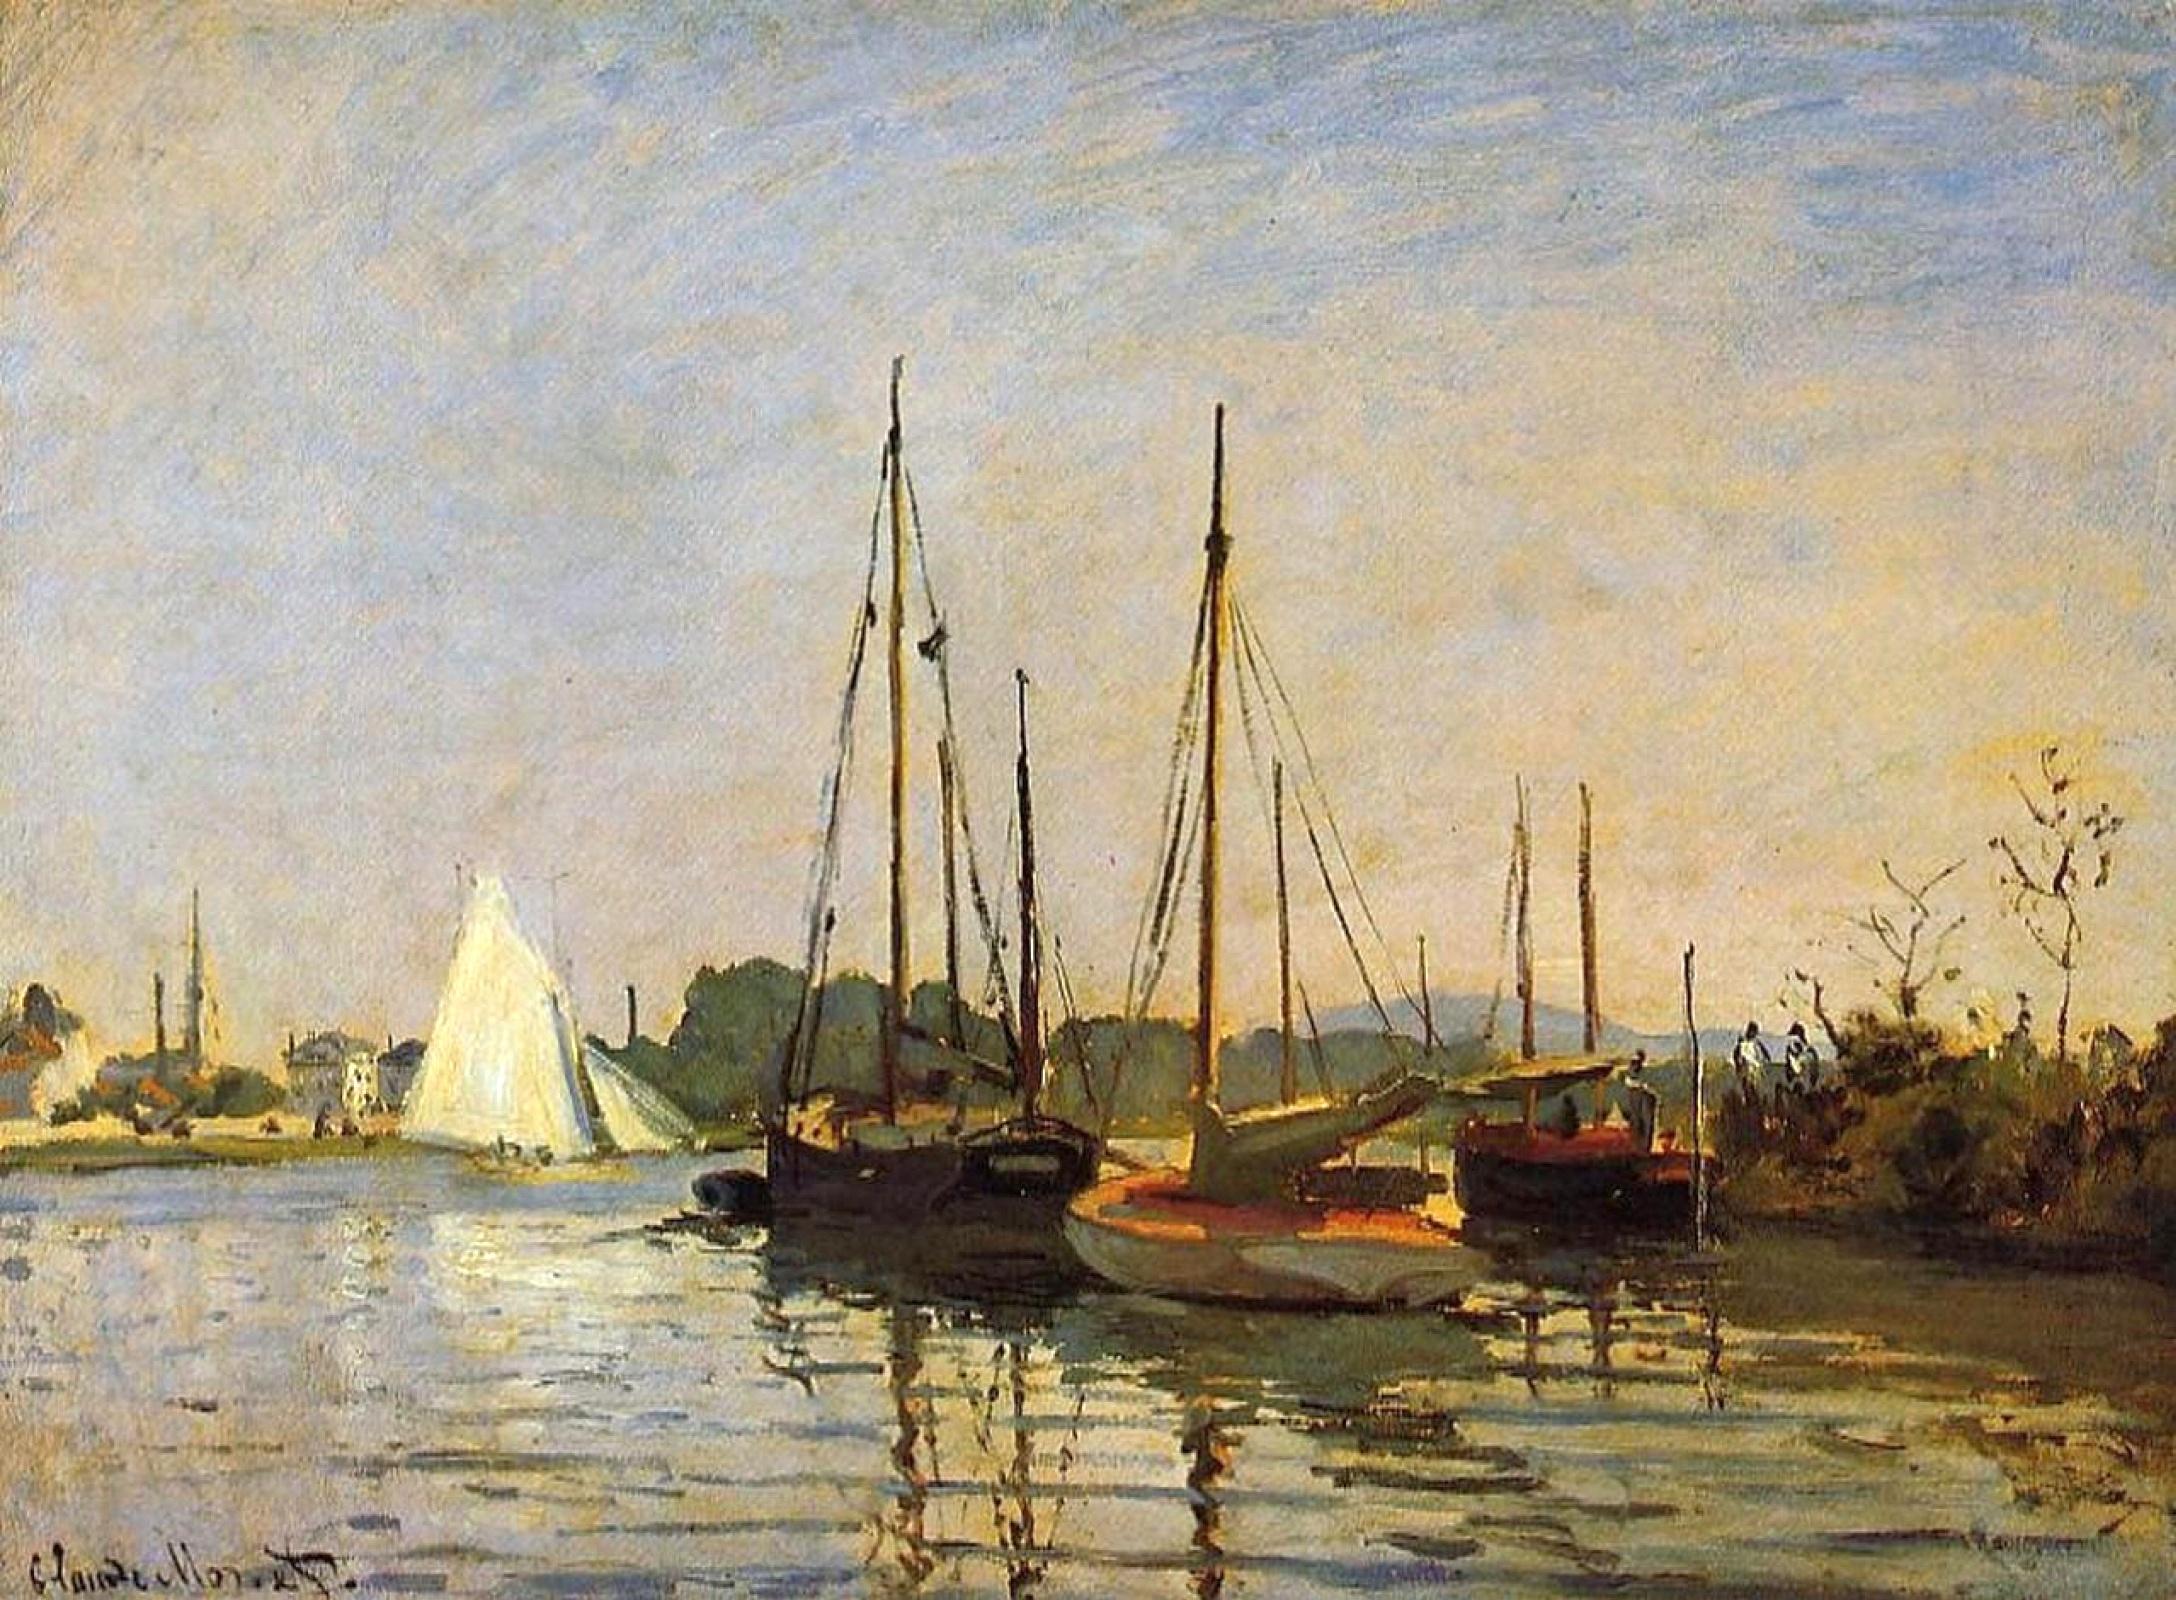 пейзажи - парусники и лодки < Прогулочные лодки >:: Клод Моне, описание картины - Моне Клод (Claude Monet) фото